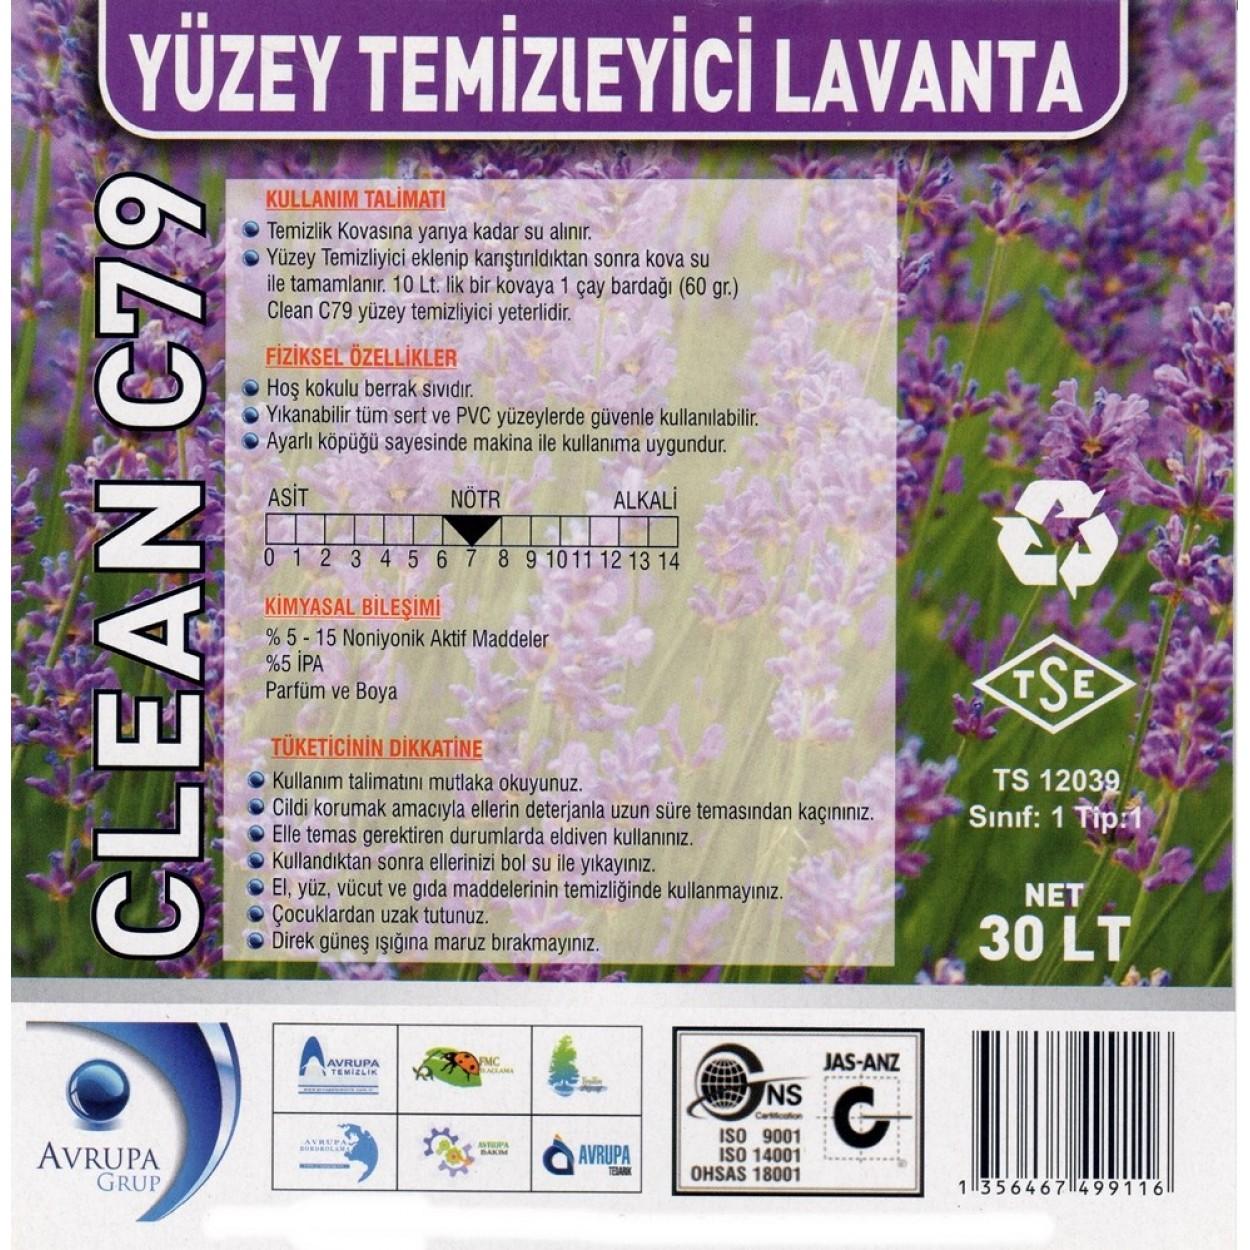 CLEAN C79 Yüzey Temizleyici Lavanta Kokulu 30 Litre